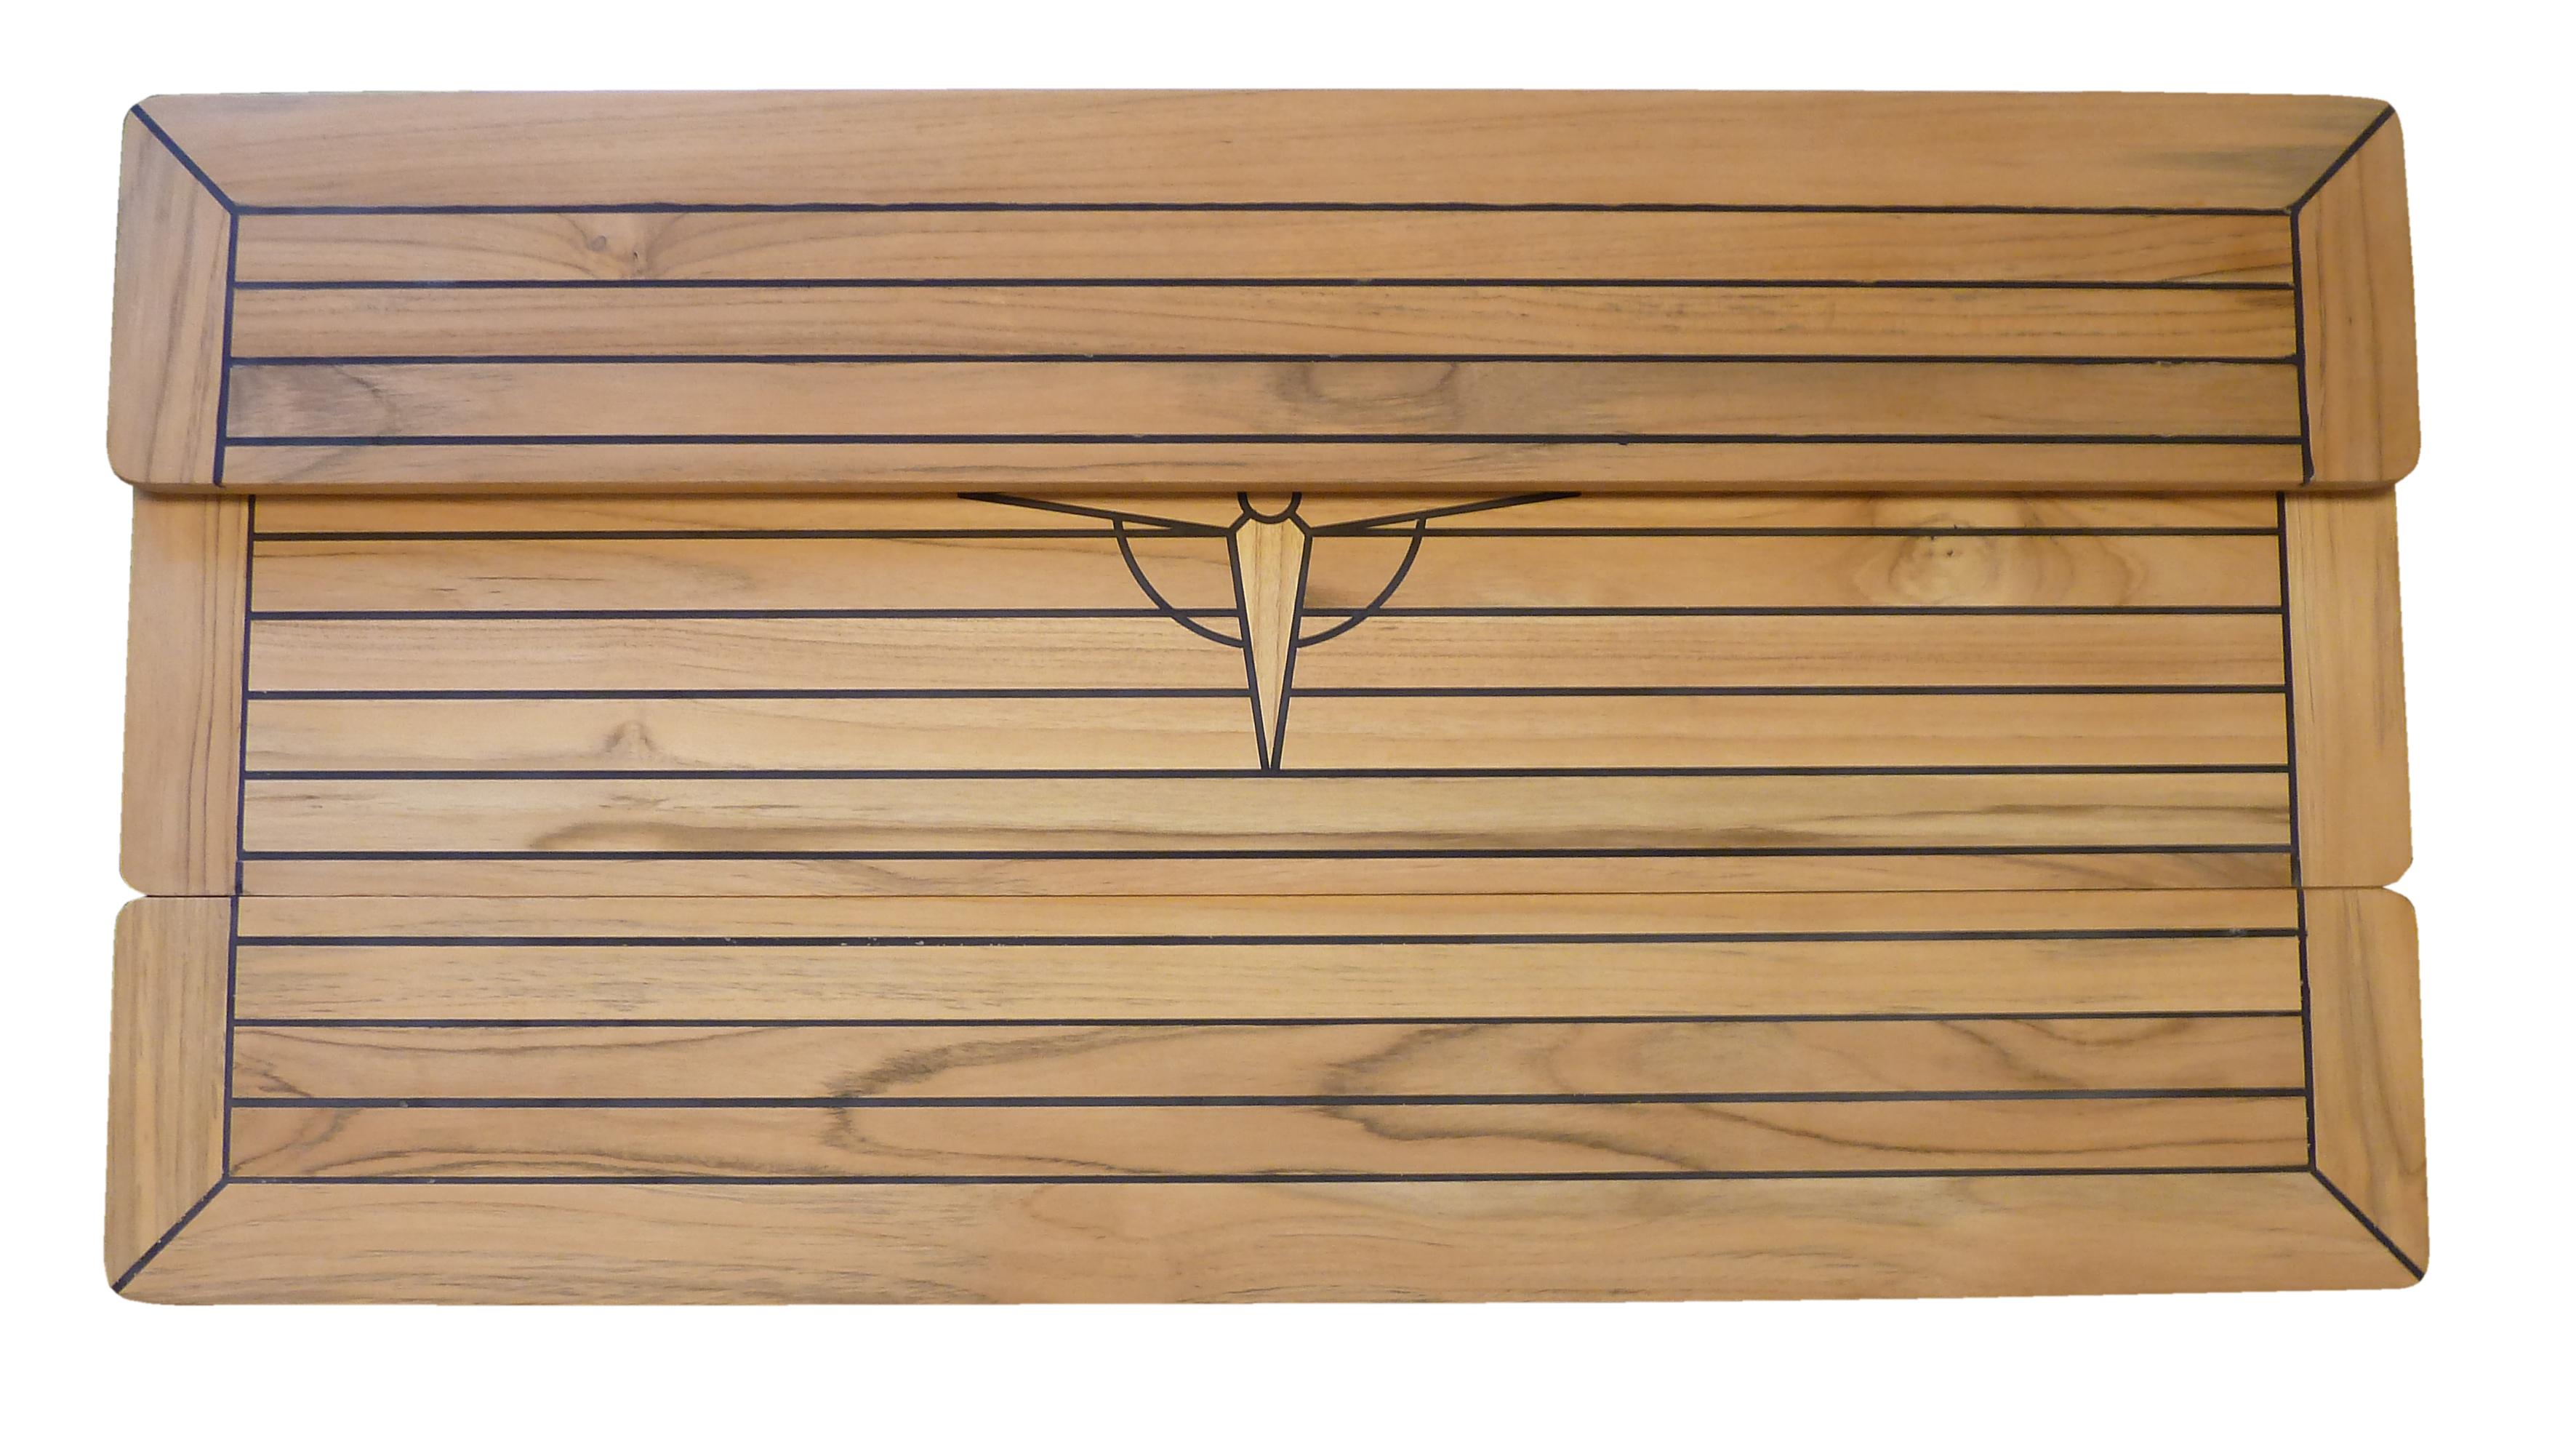 Teakbord fällbart 100 x 70 cm